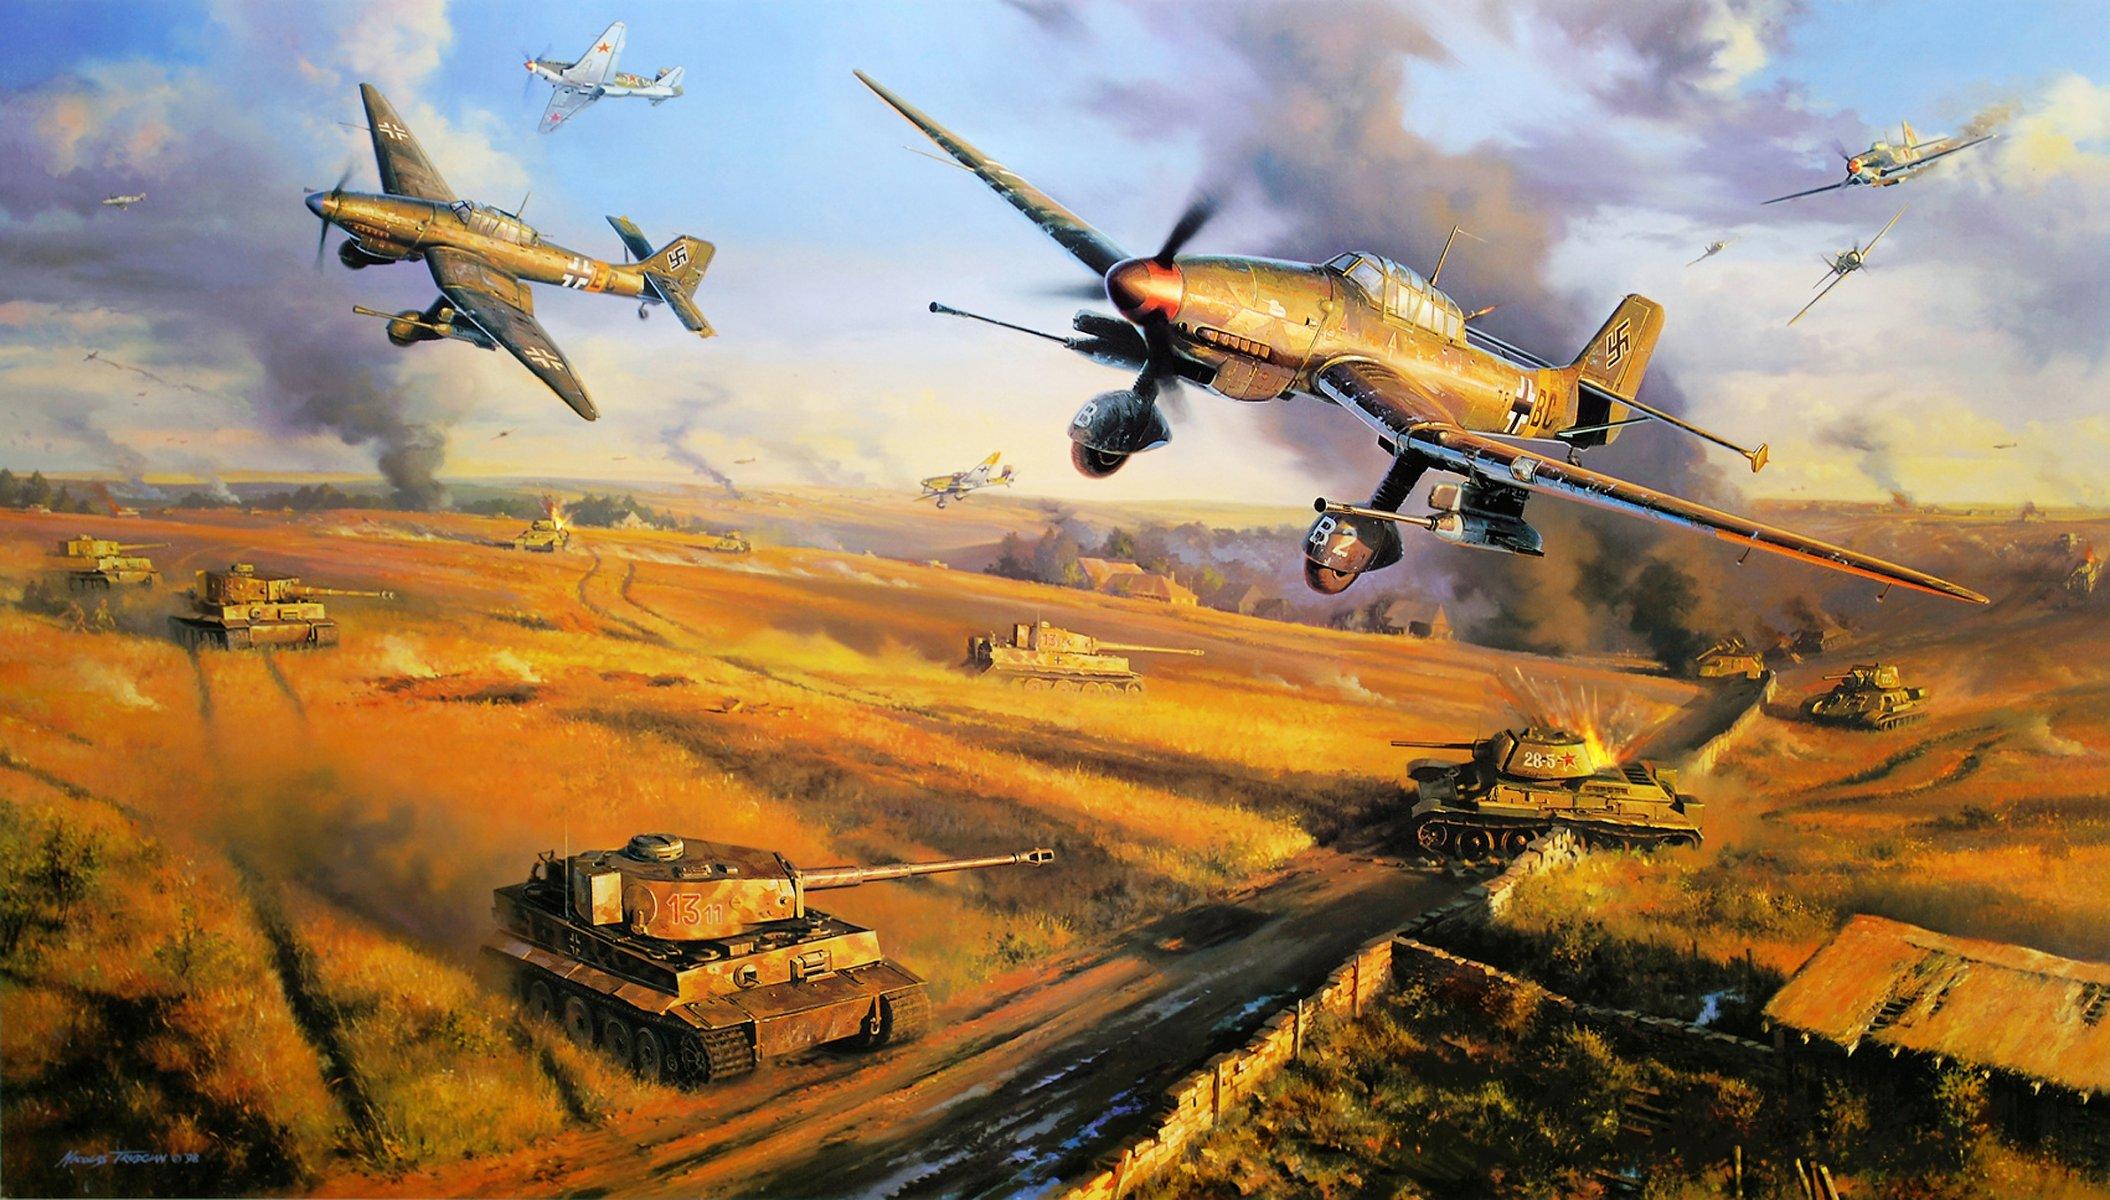 Обои война, сражение, сбитый юнкерс, рисунок. Авиация foto 11